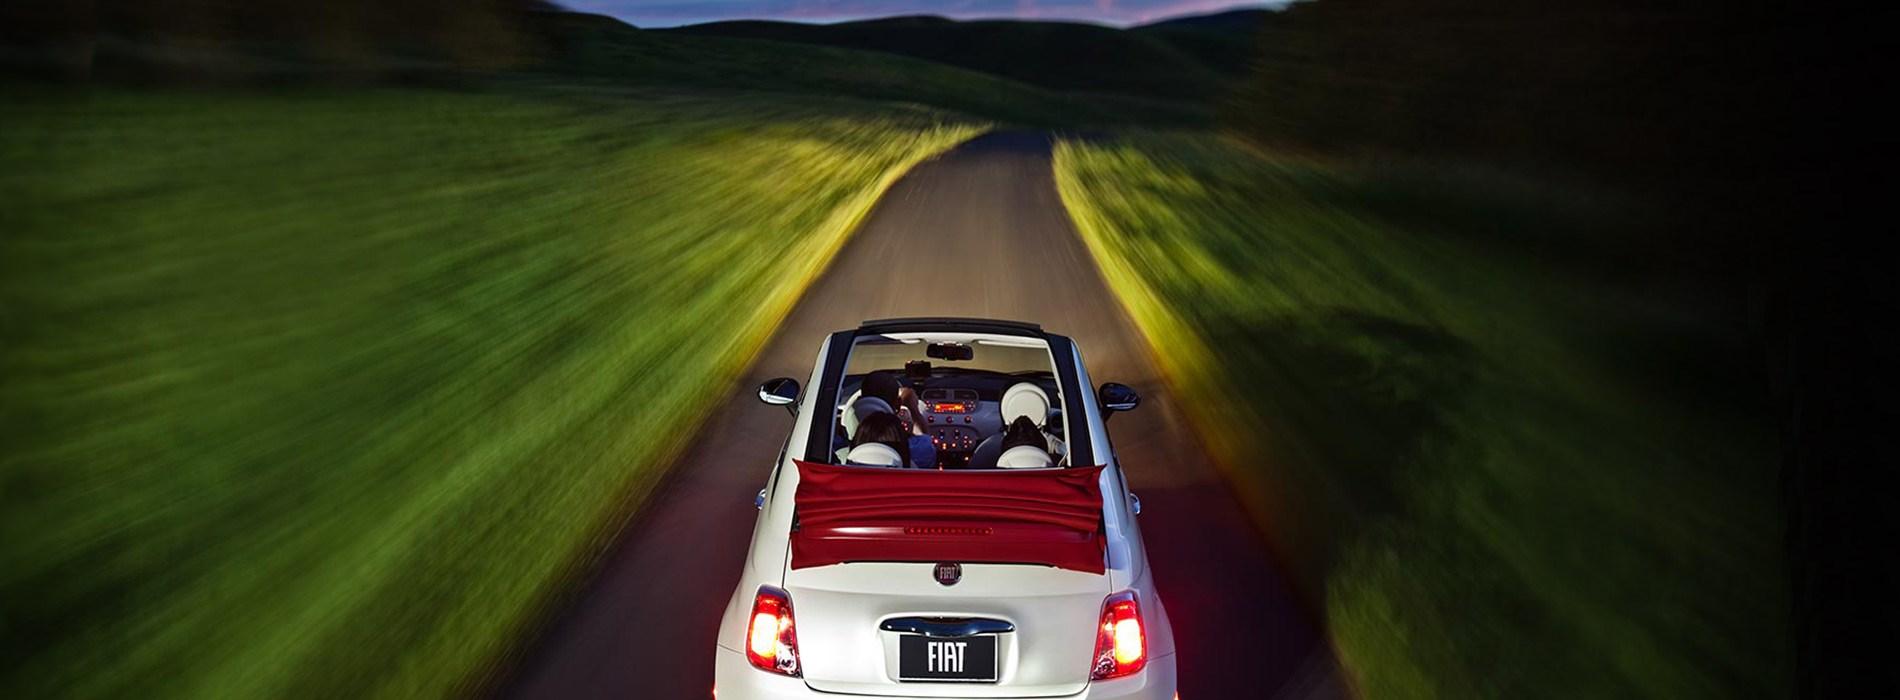 Fiat 500C Series 4 Roof